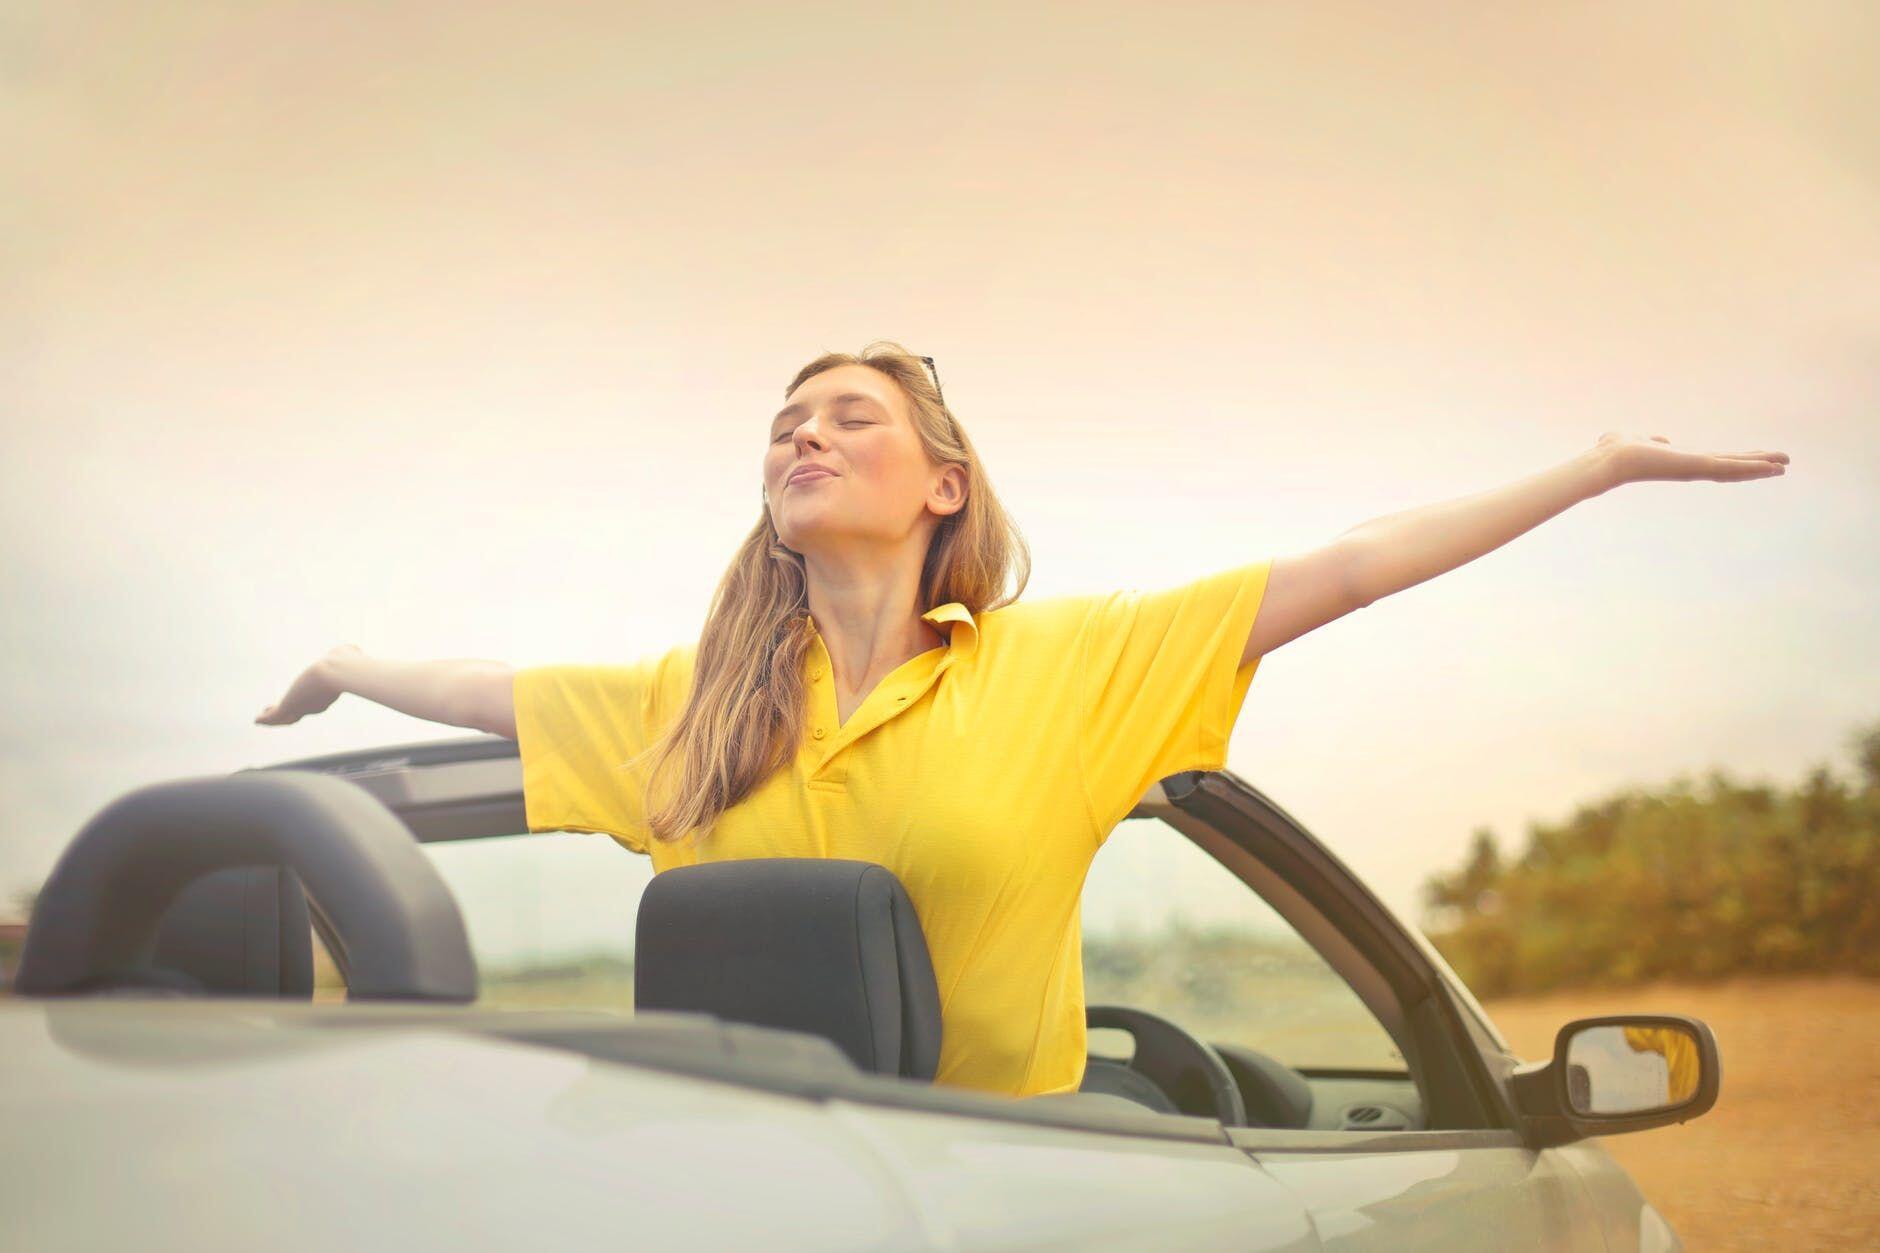 Walau Jadwalmu Padat, Sempatkan 6 Hal Ini Biar Energi Terisi Kembali!